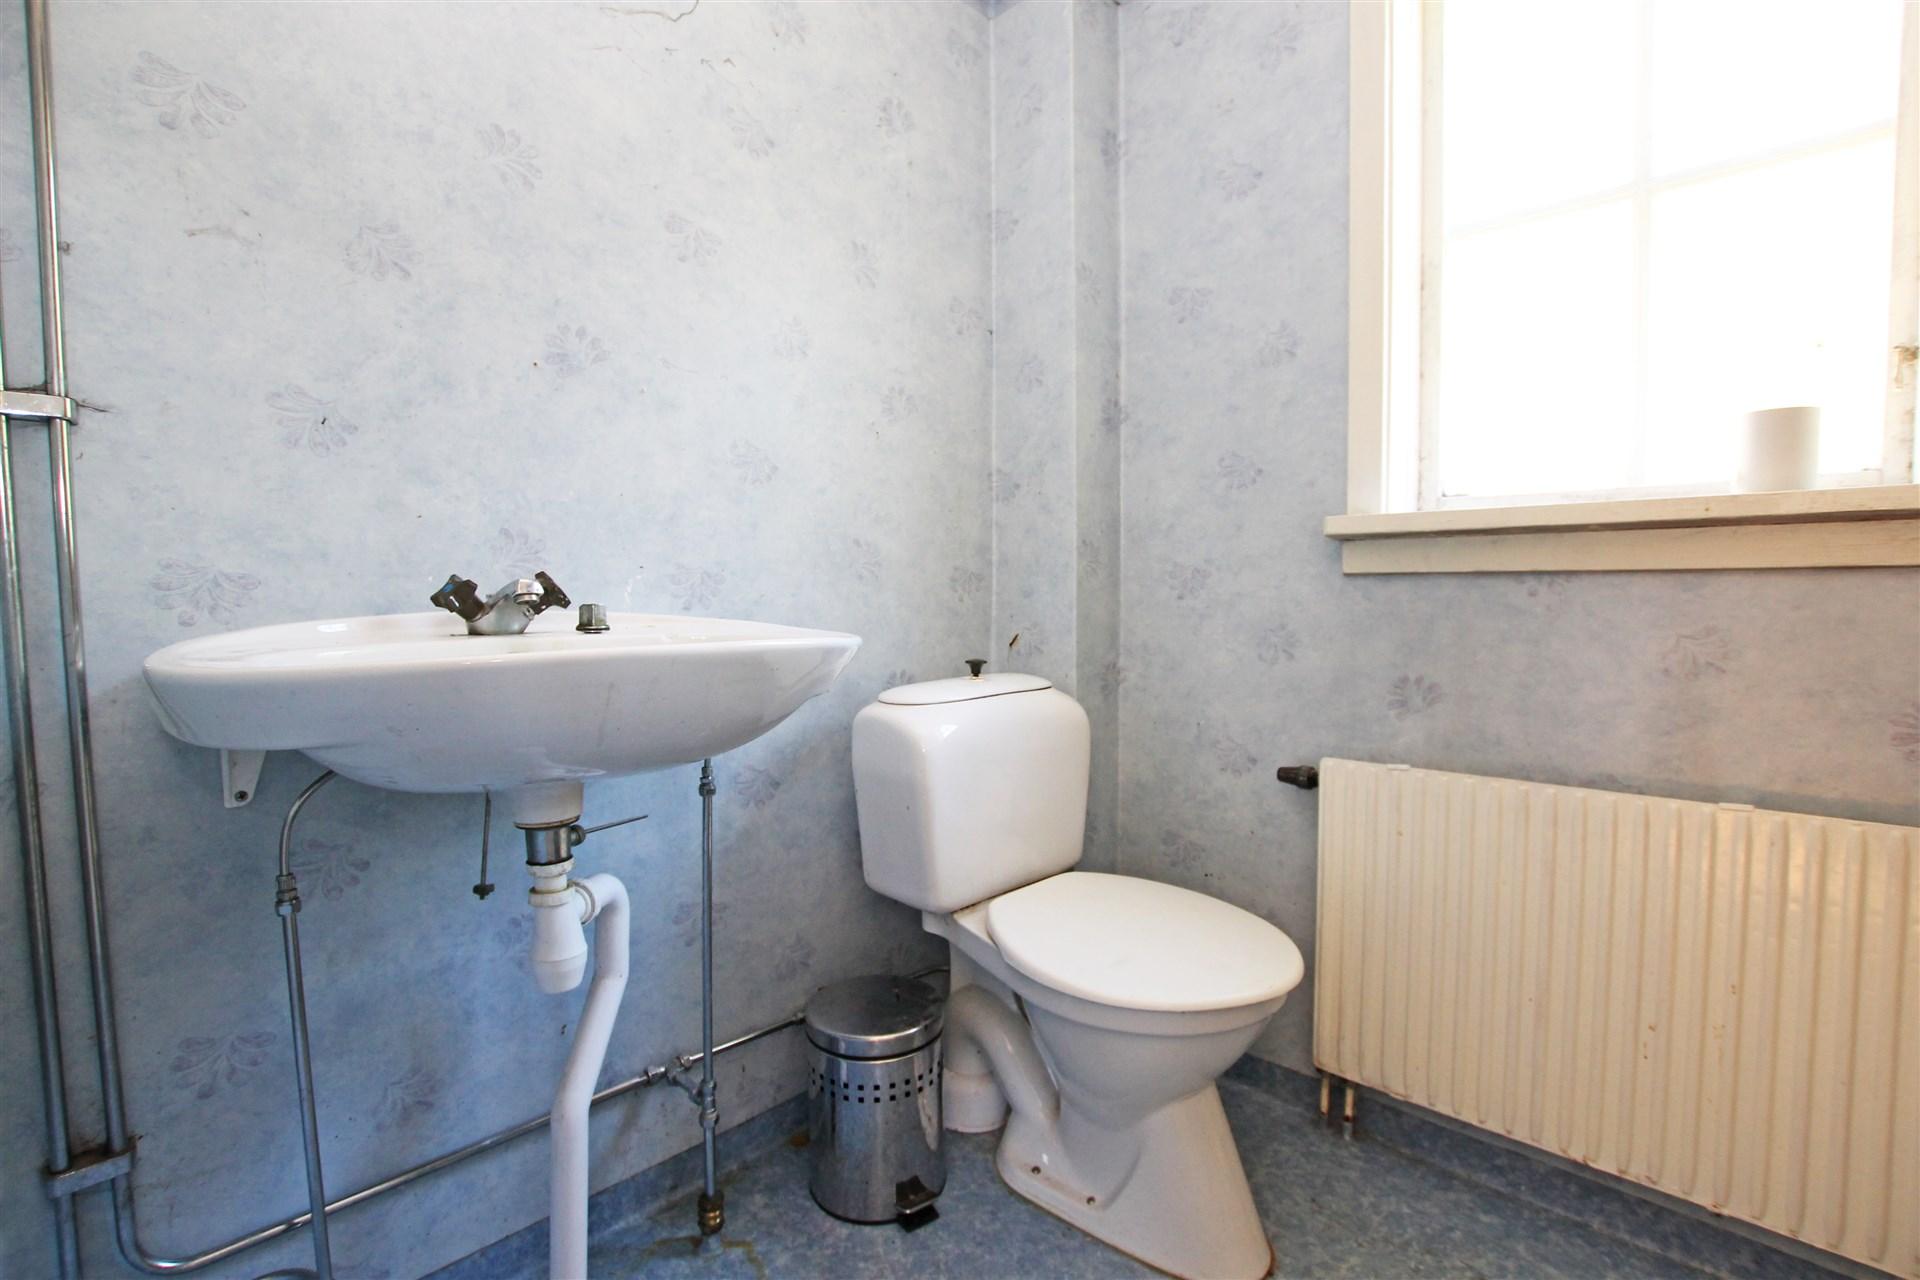 Duschrum med toalett och tvättställ